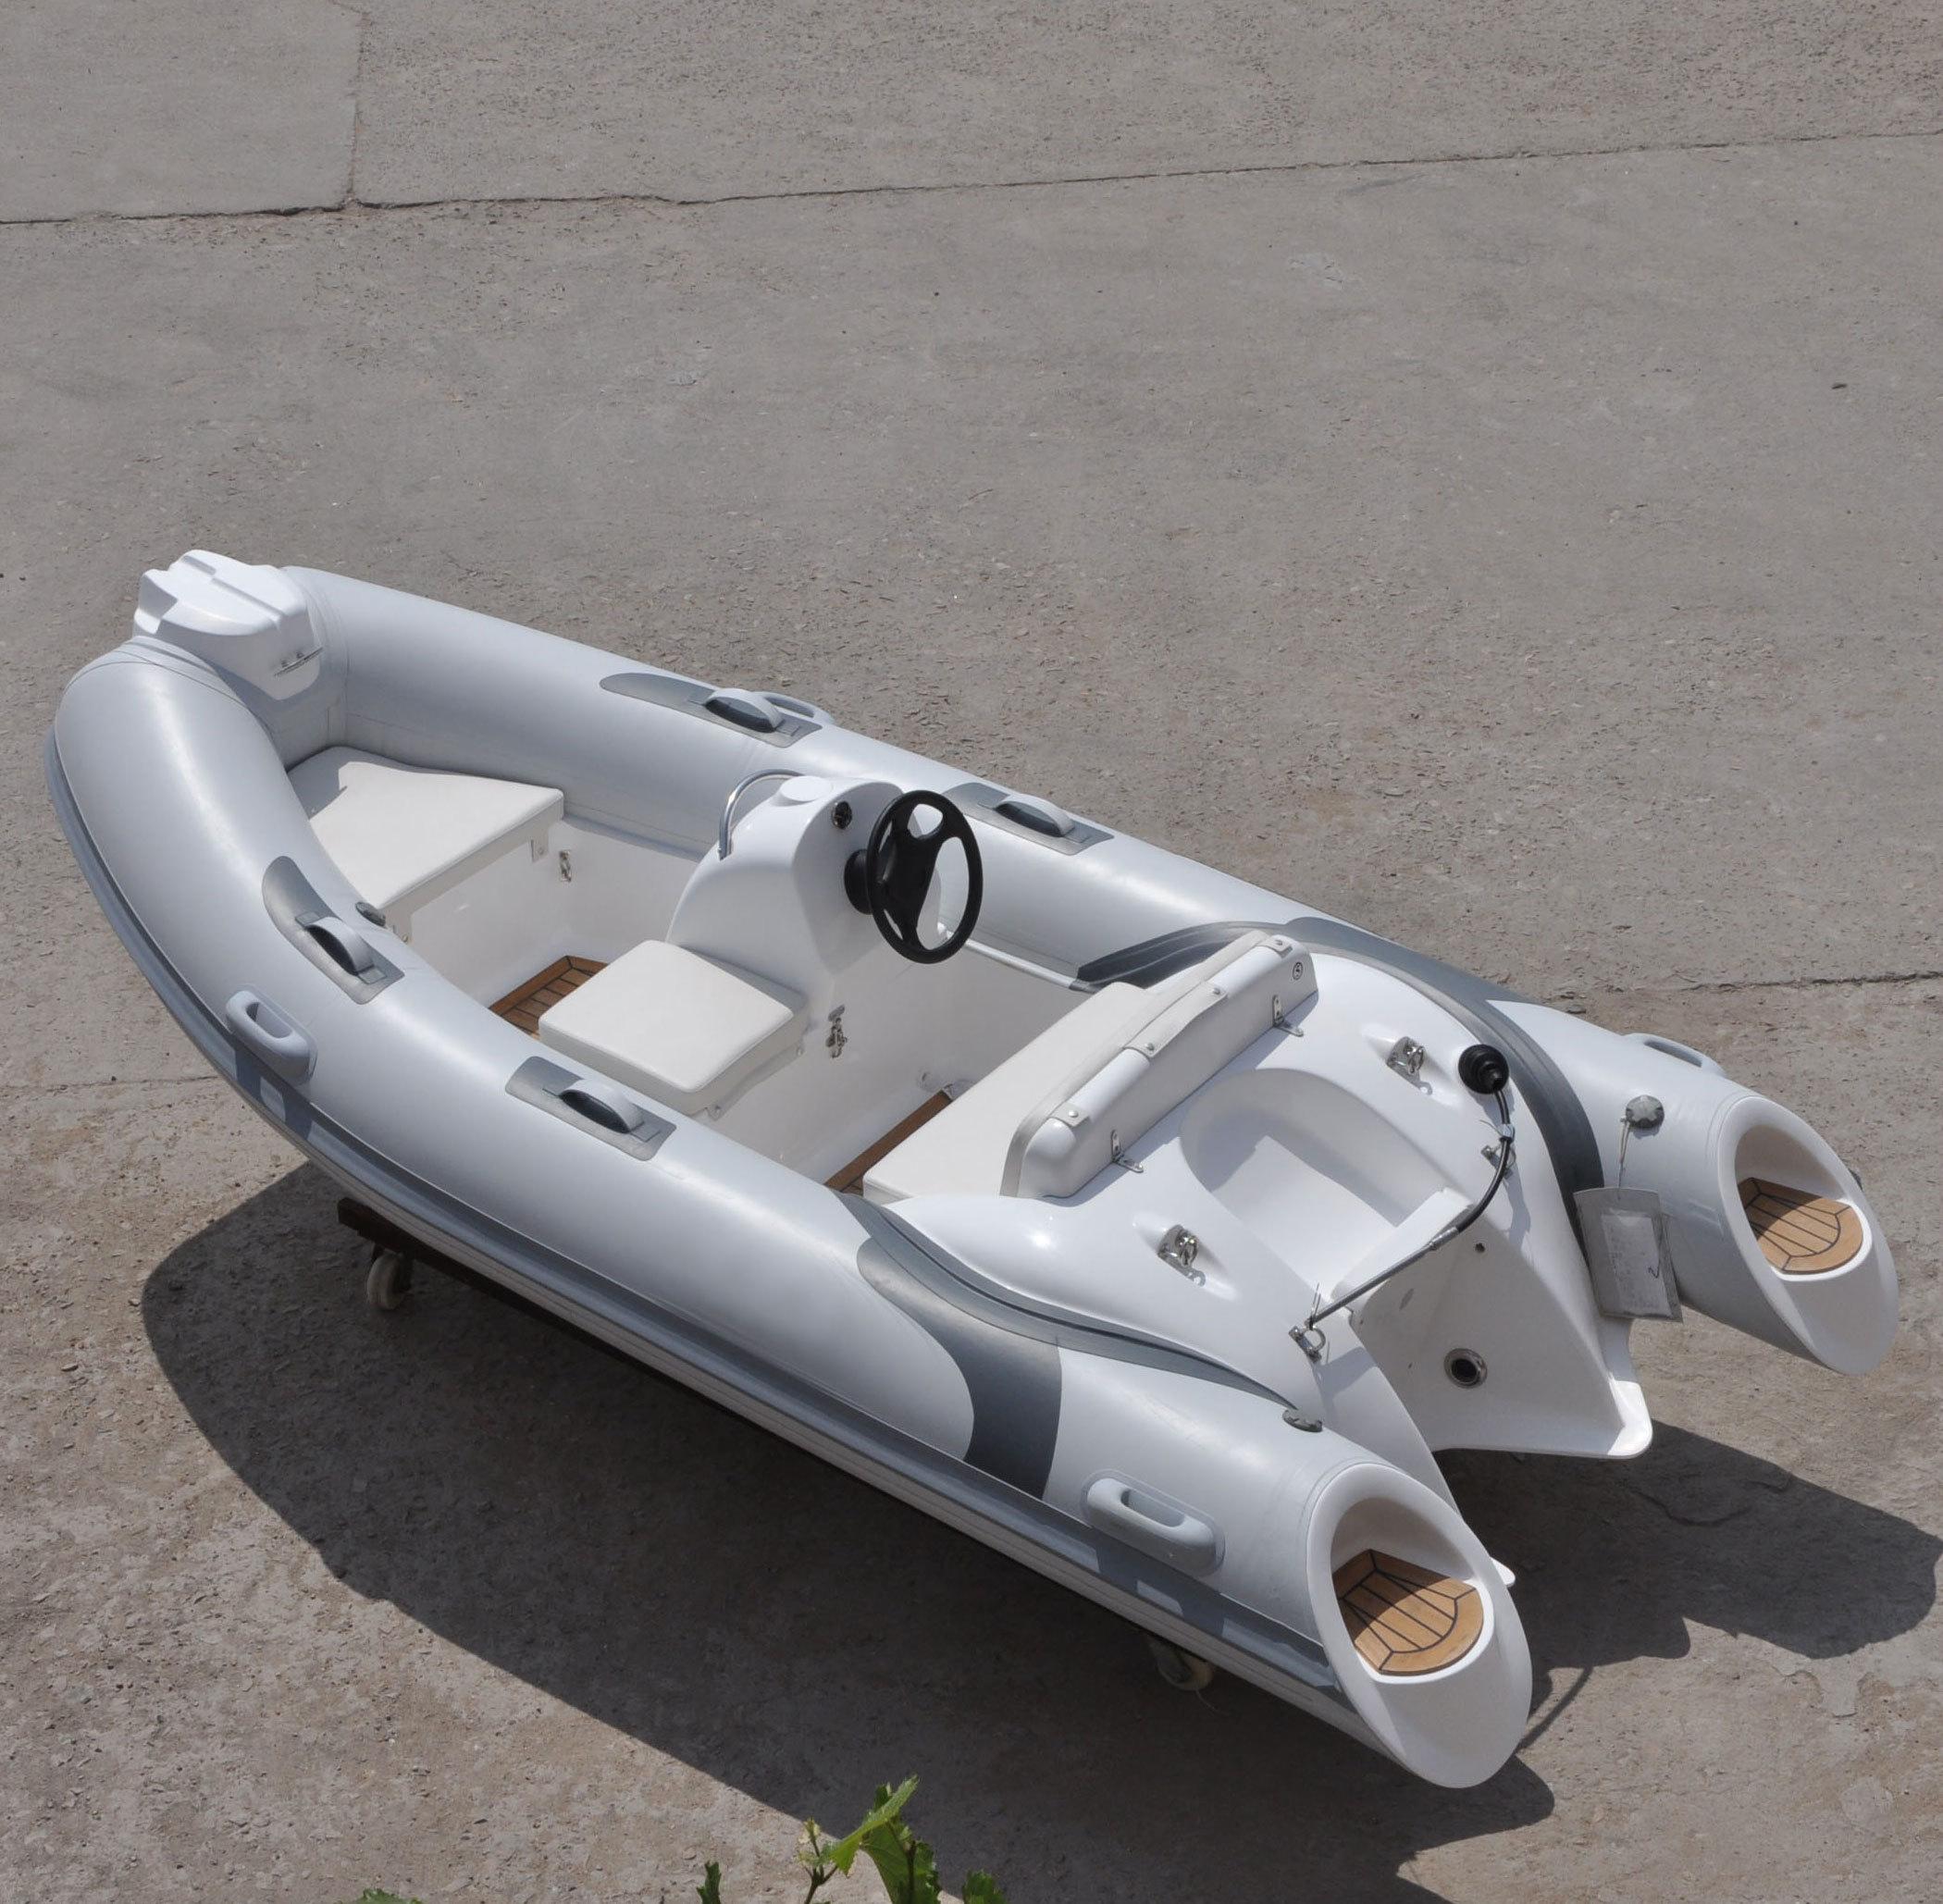 Liya 12.5 Feet Small Rib Boats